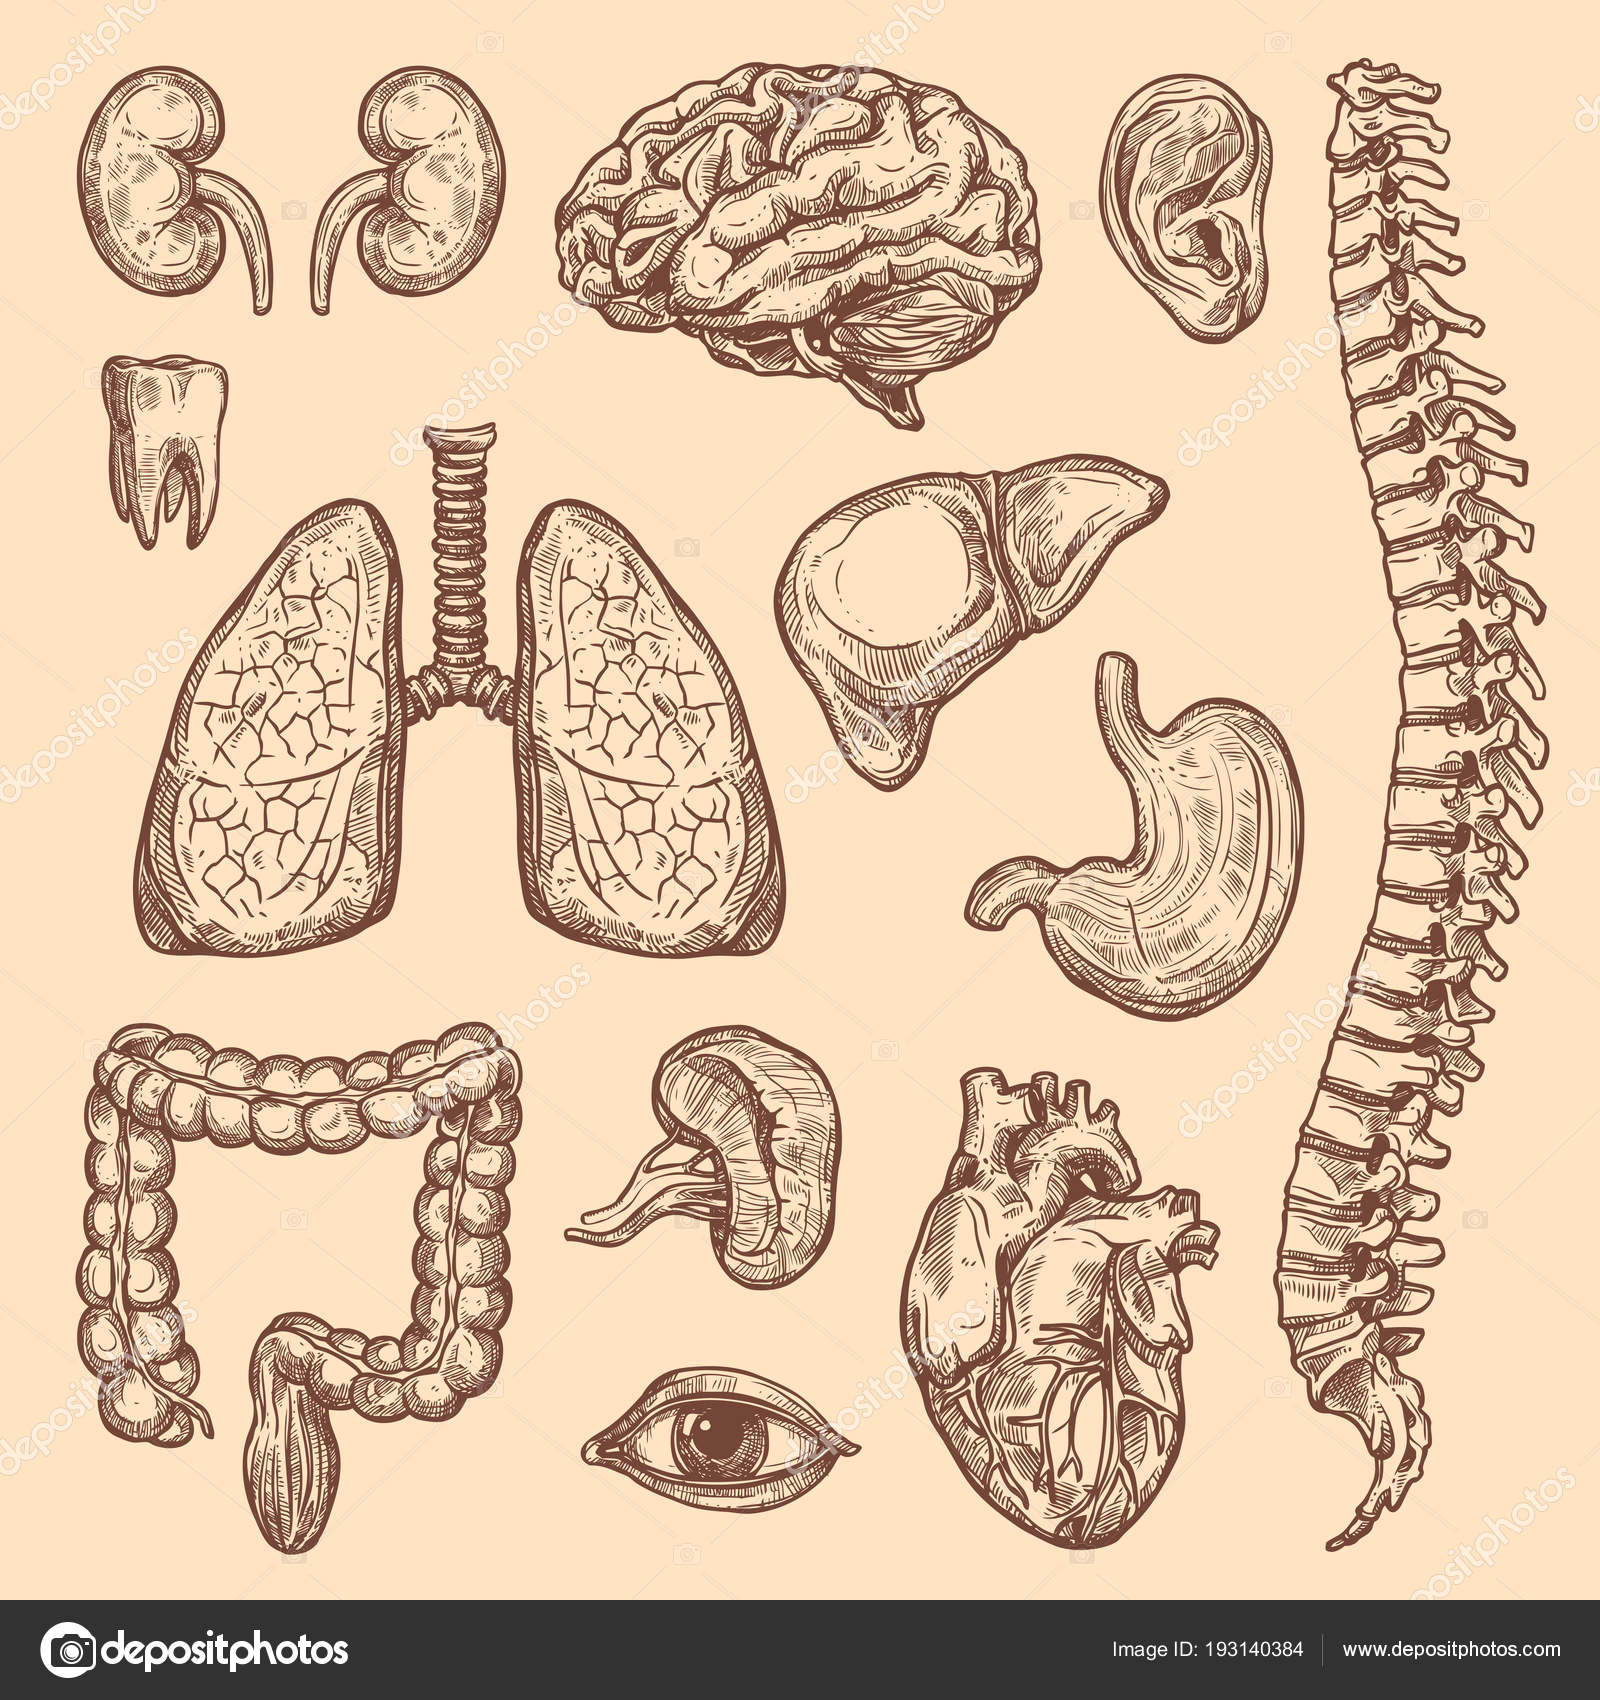 Menschliche Organe Vektor skizzieren Körper Anatomie Symbole ...